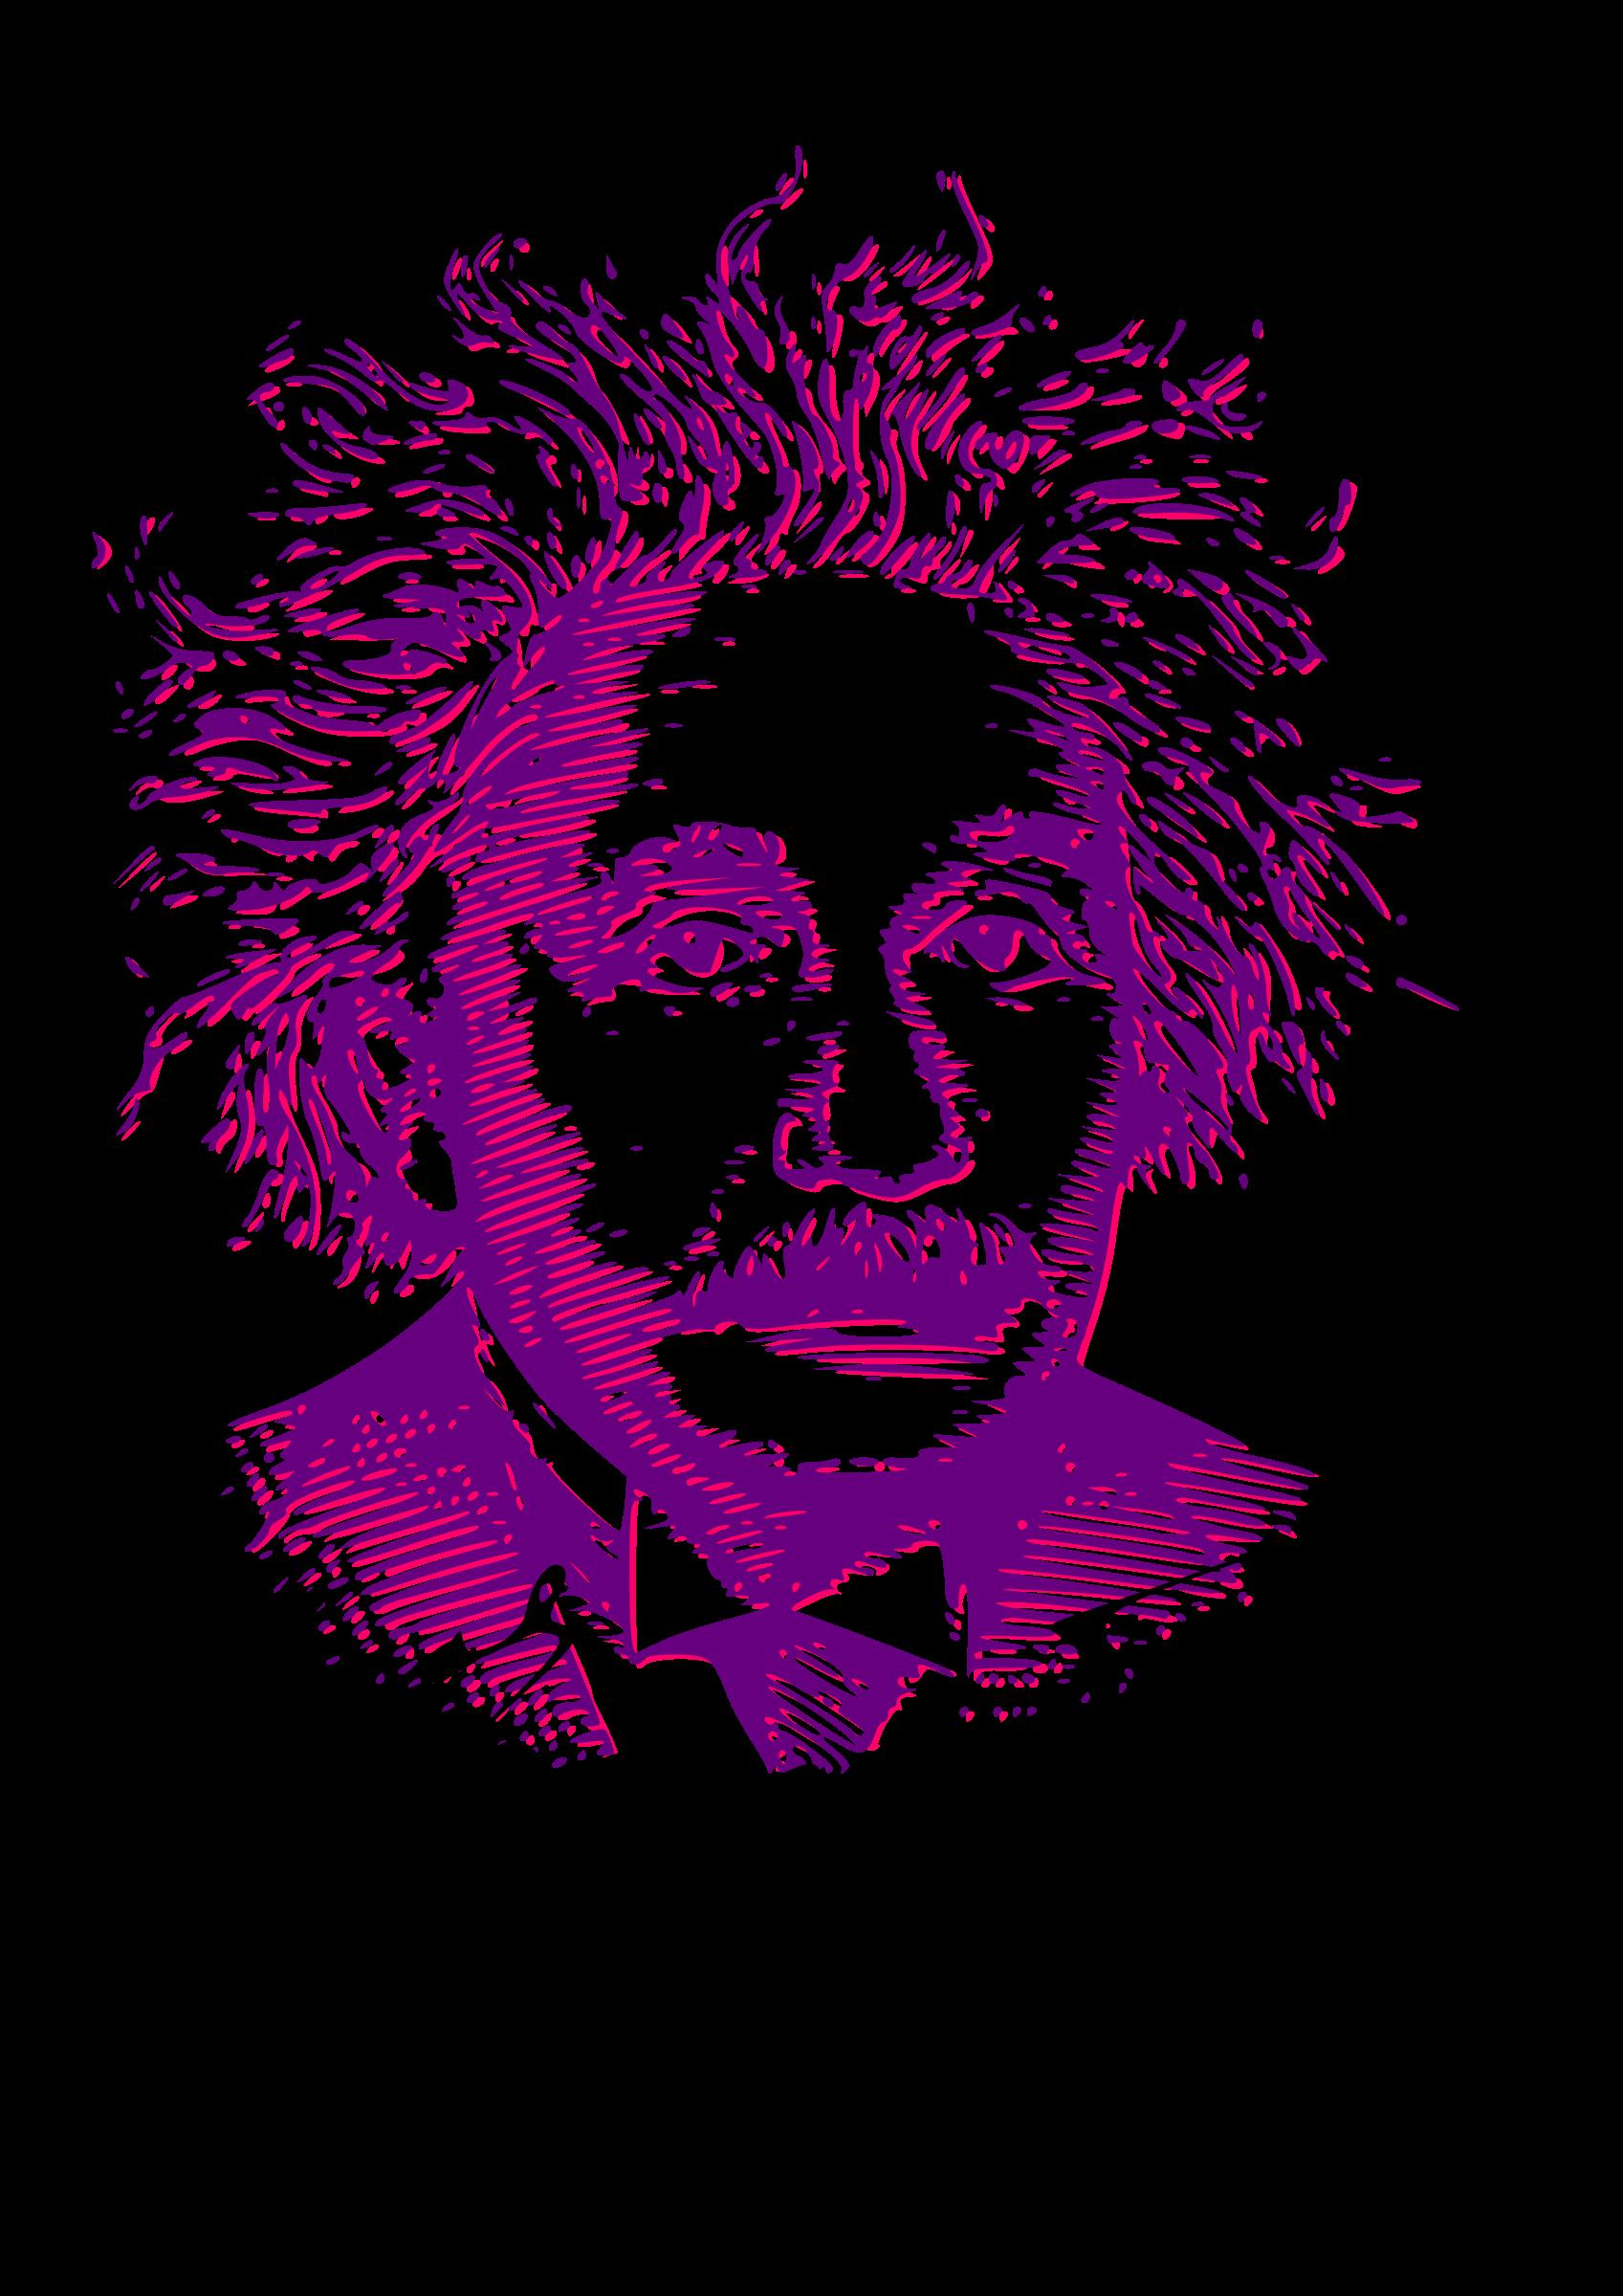 Big image png. Einstein clipart svg